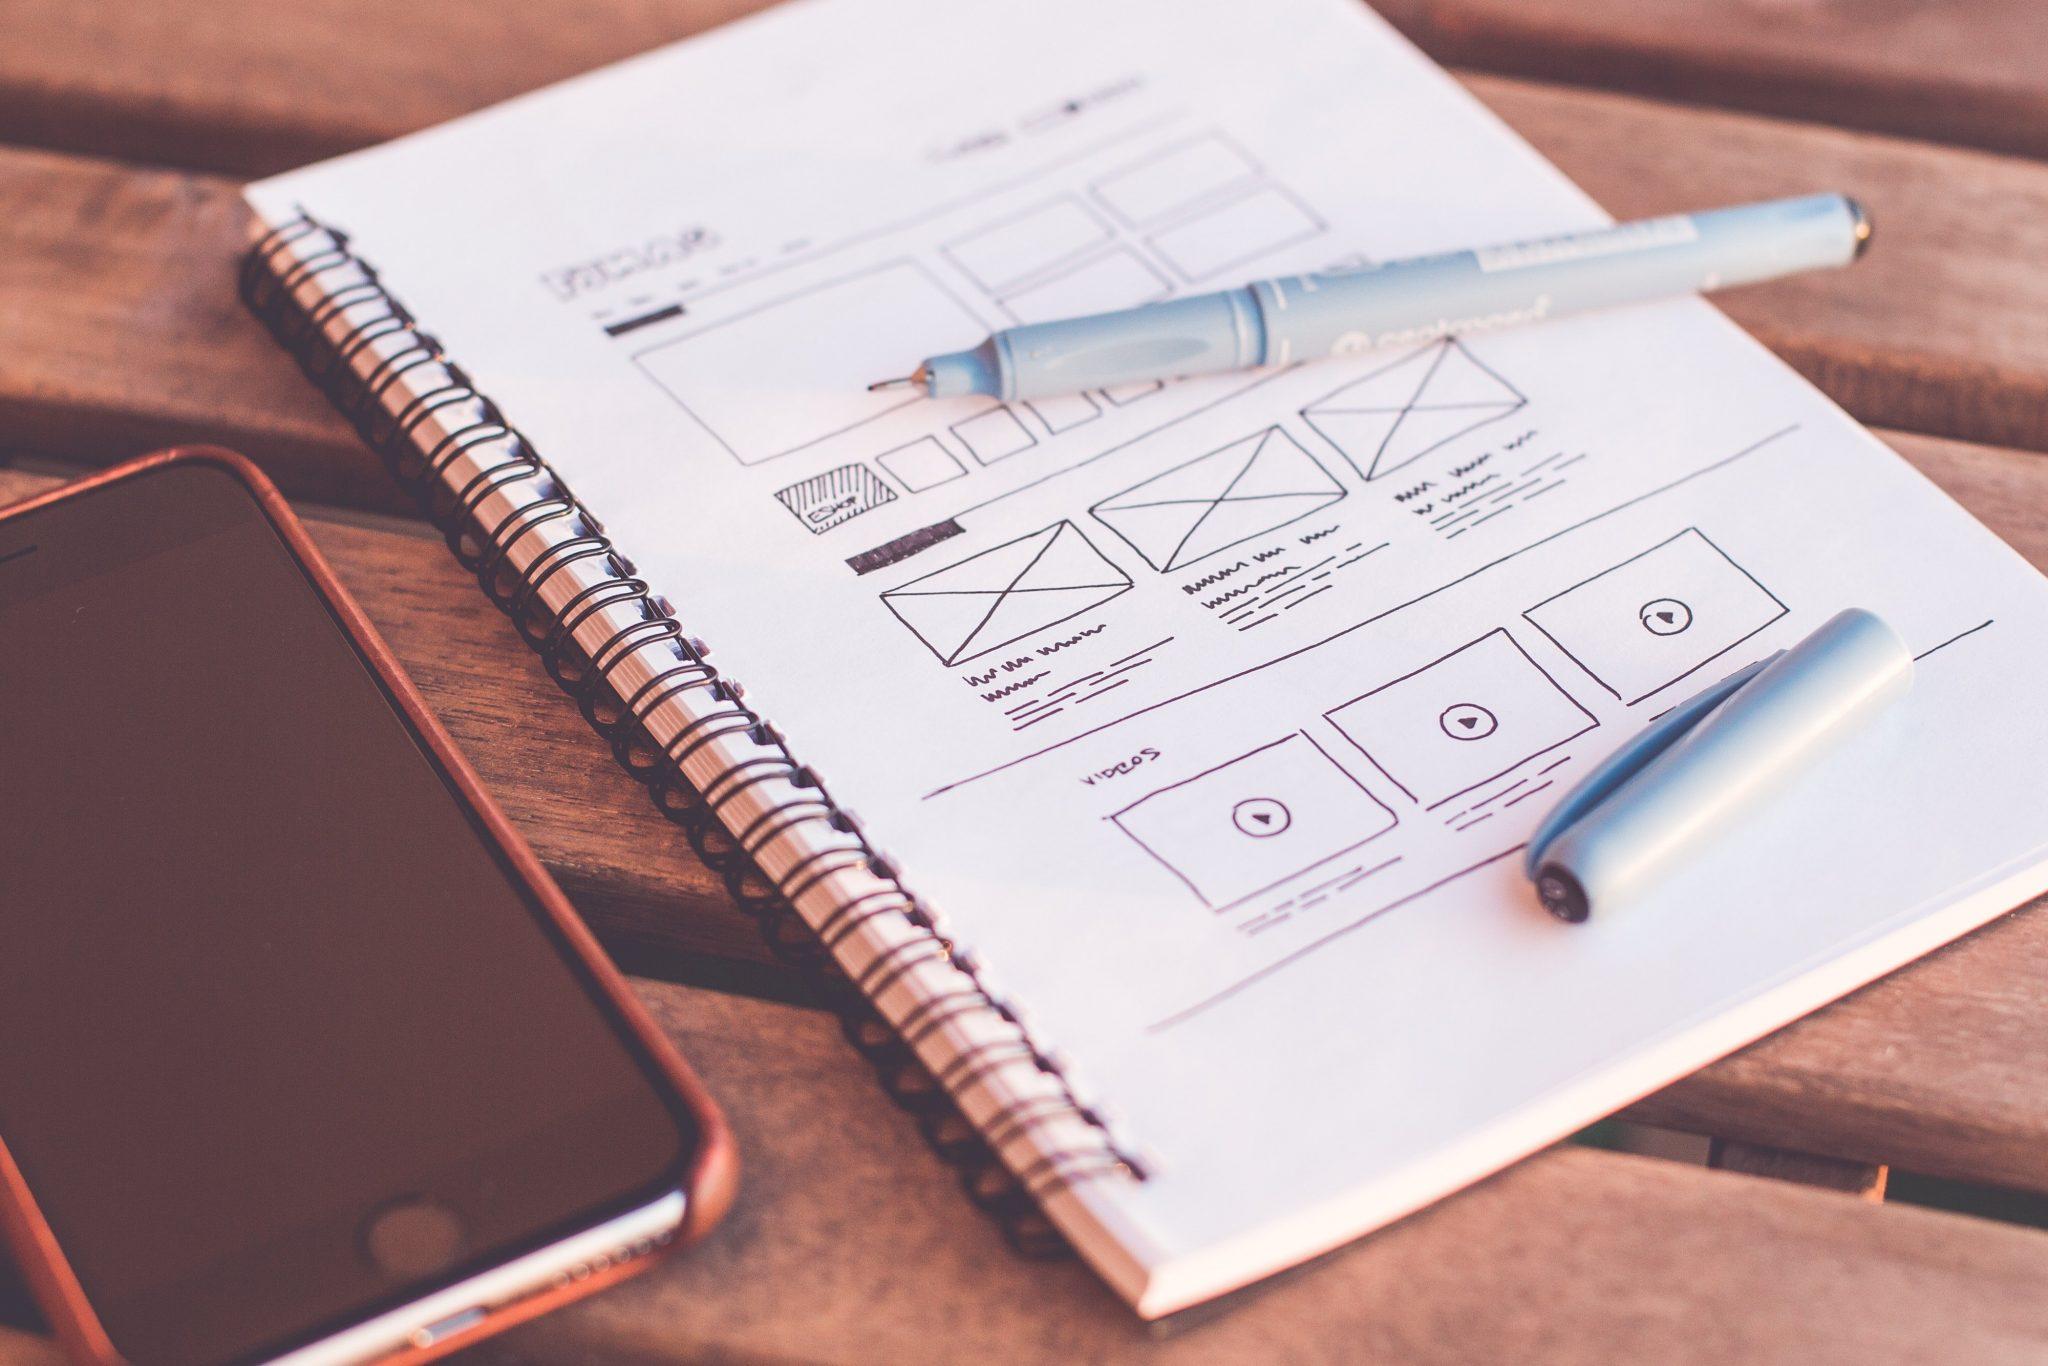 Notizblock mit Zeichnungen